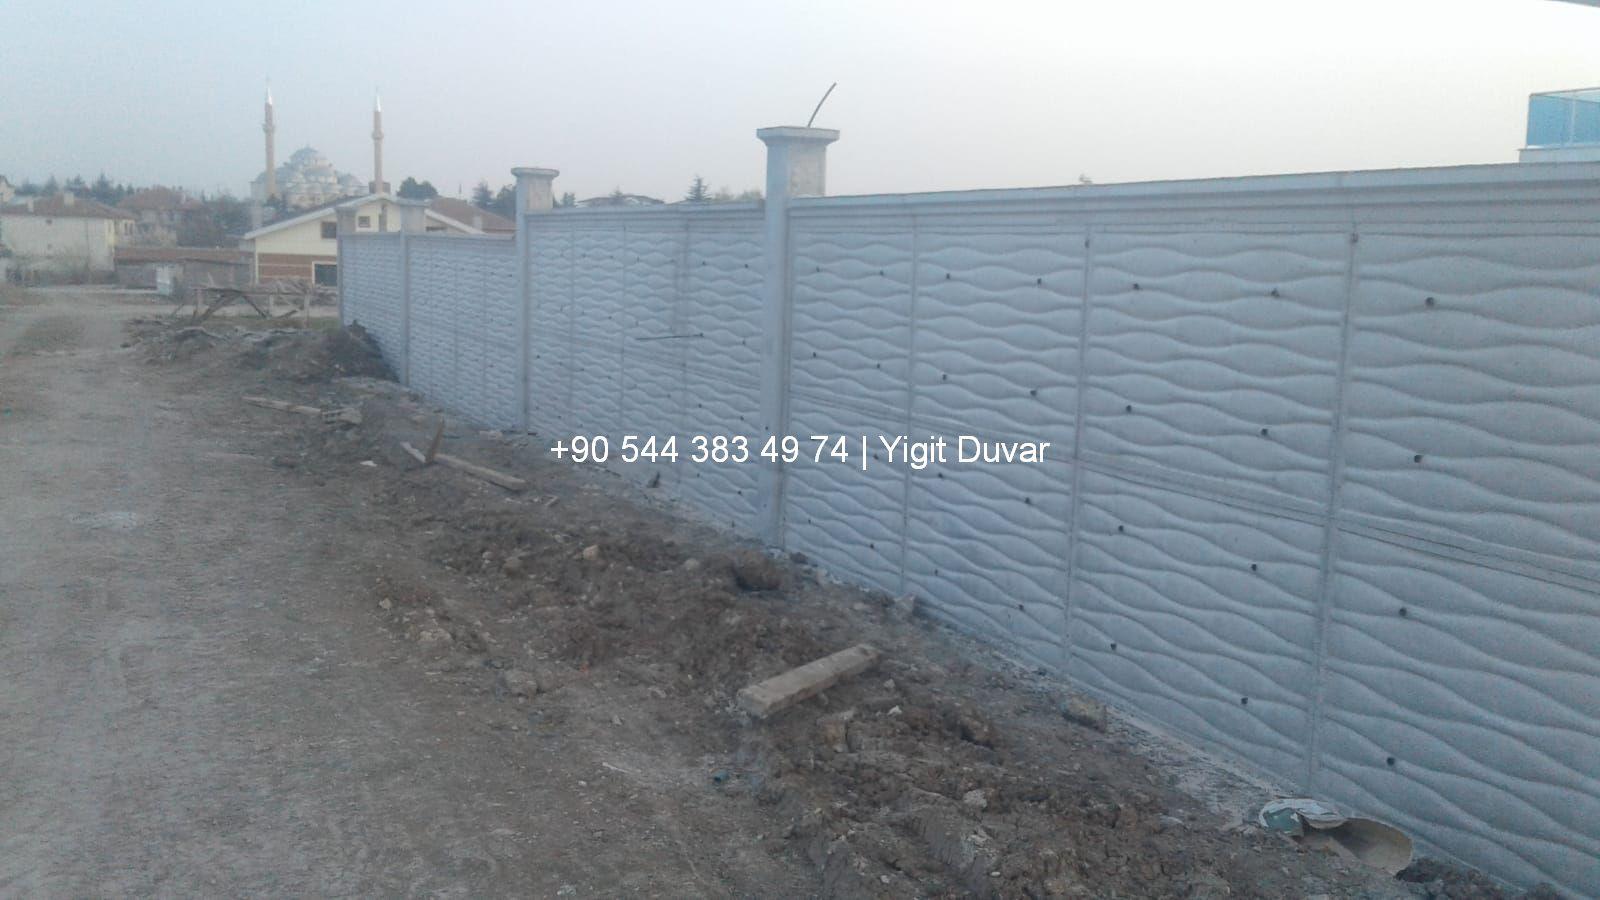 duvar-ustasi-yigit-duvar107